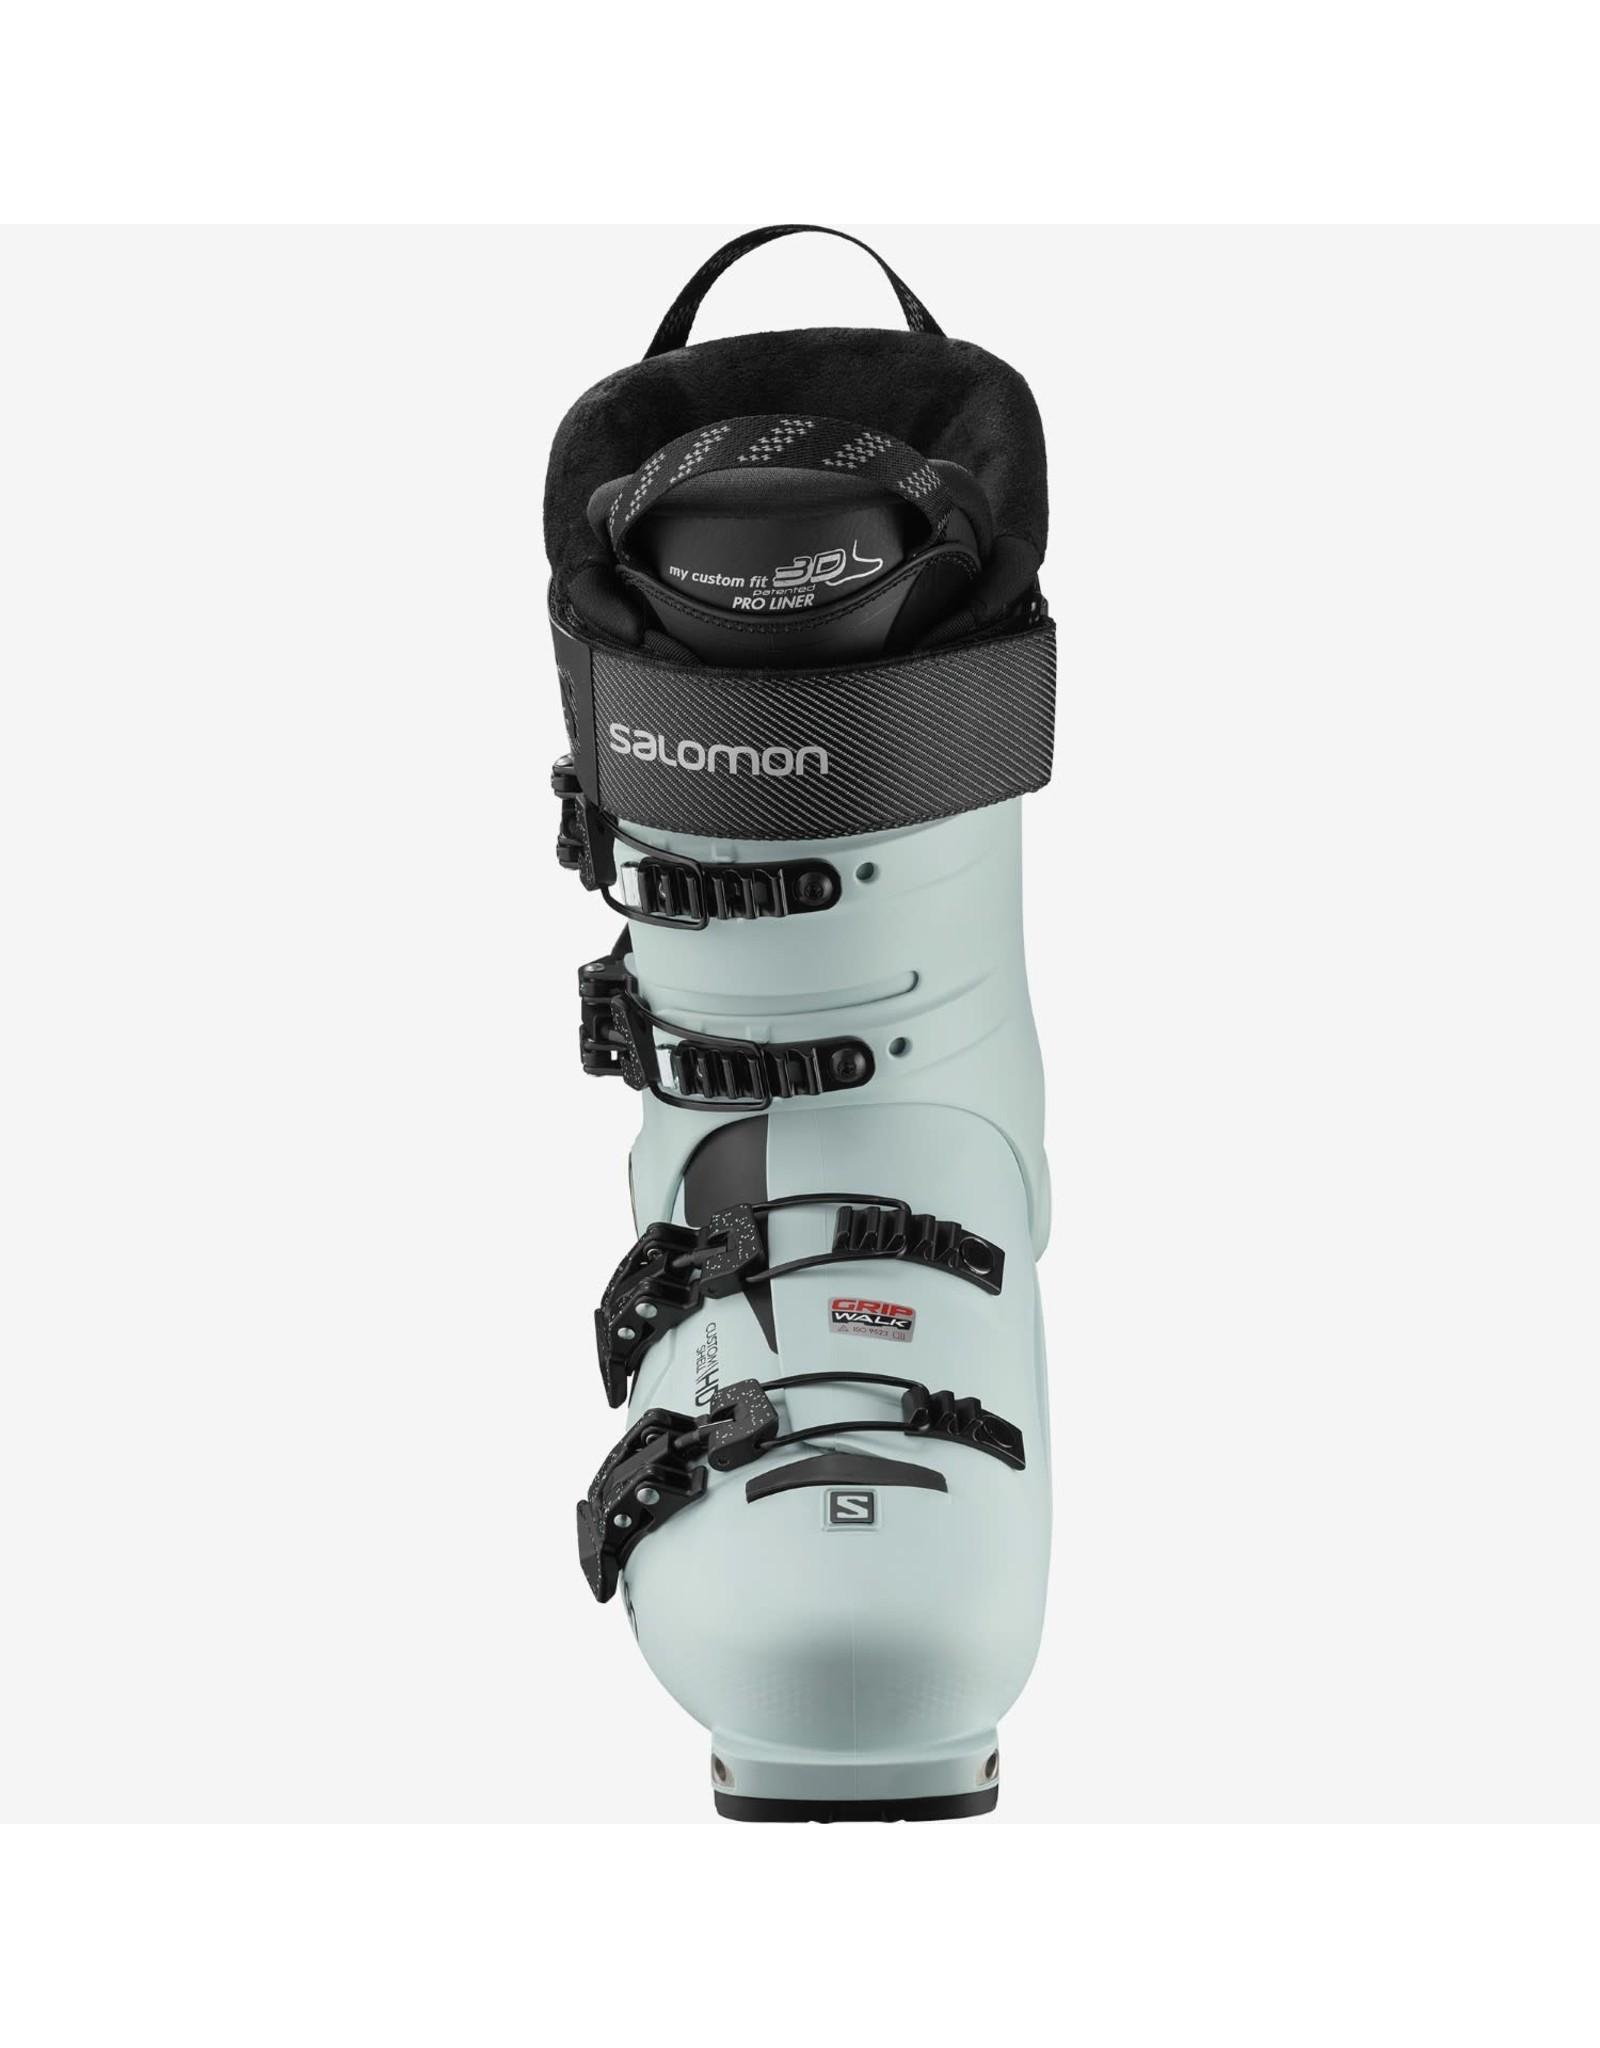 Salomon Salomon Shift Pro 110 - Women